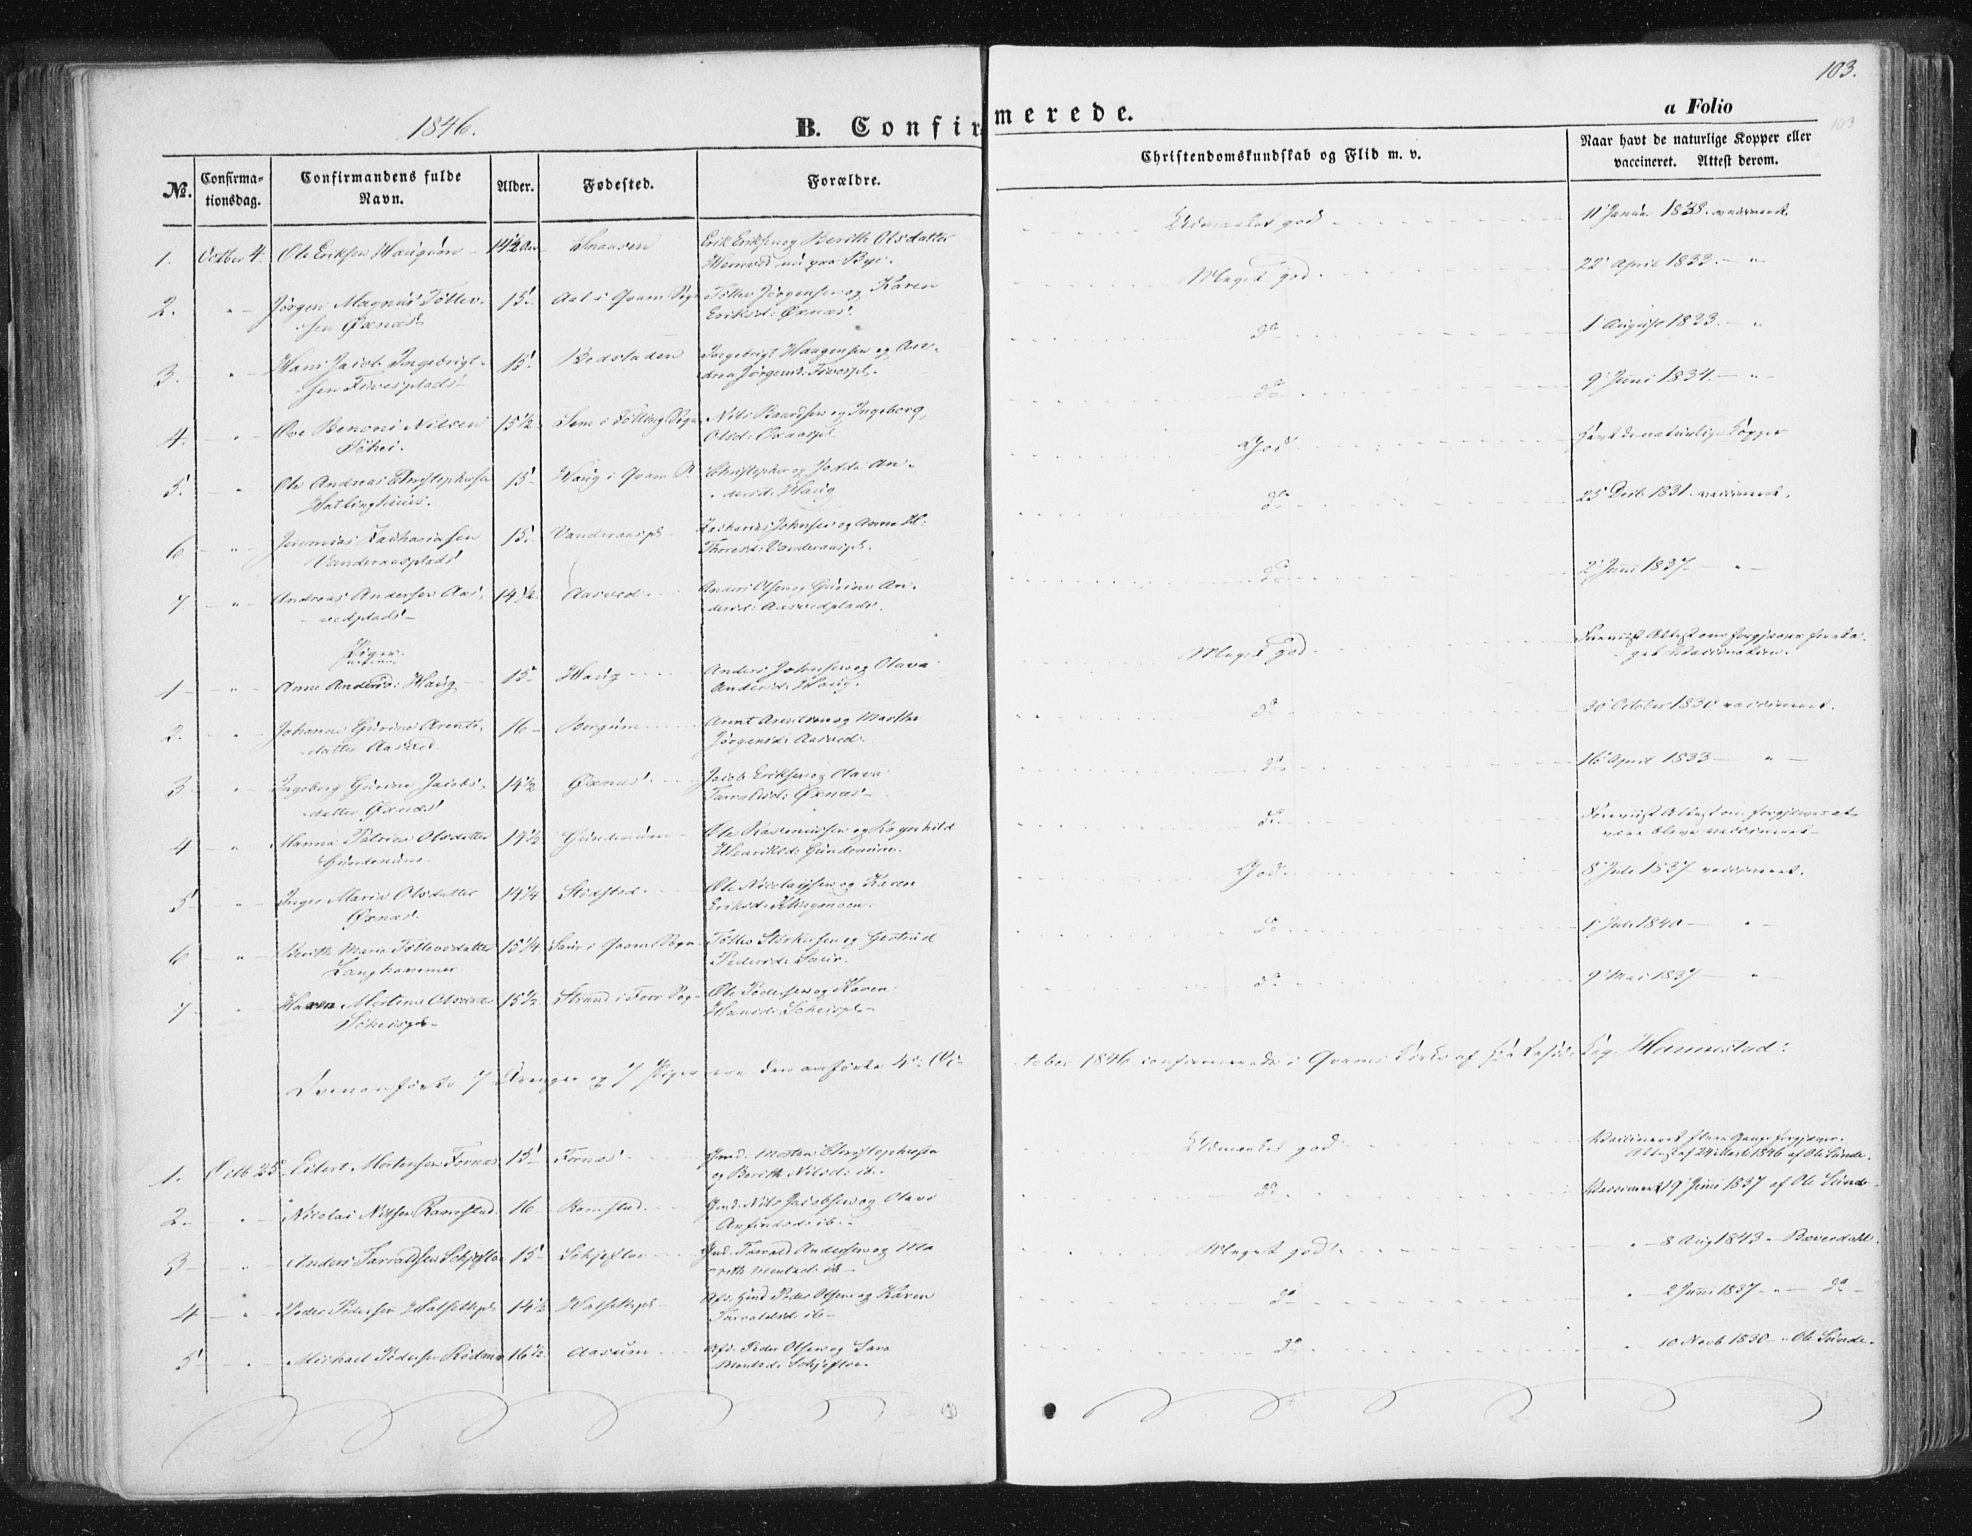 SAT, Ministerialprotokoller, klokkerbøker og fødselsregistre - Nord-Trøndelag, 746/L0446: Ministerialbok nr. 746A05, 1846-1859, s. 103